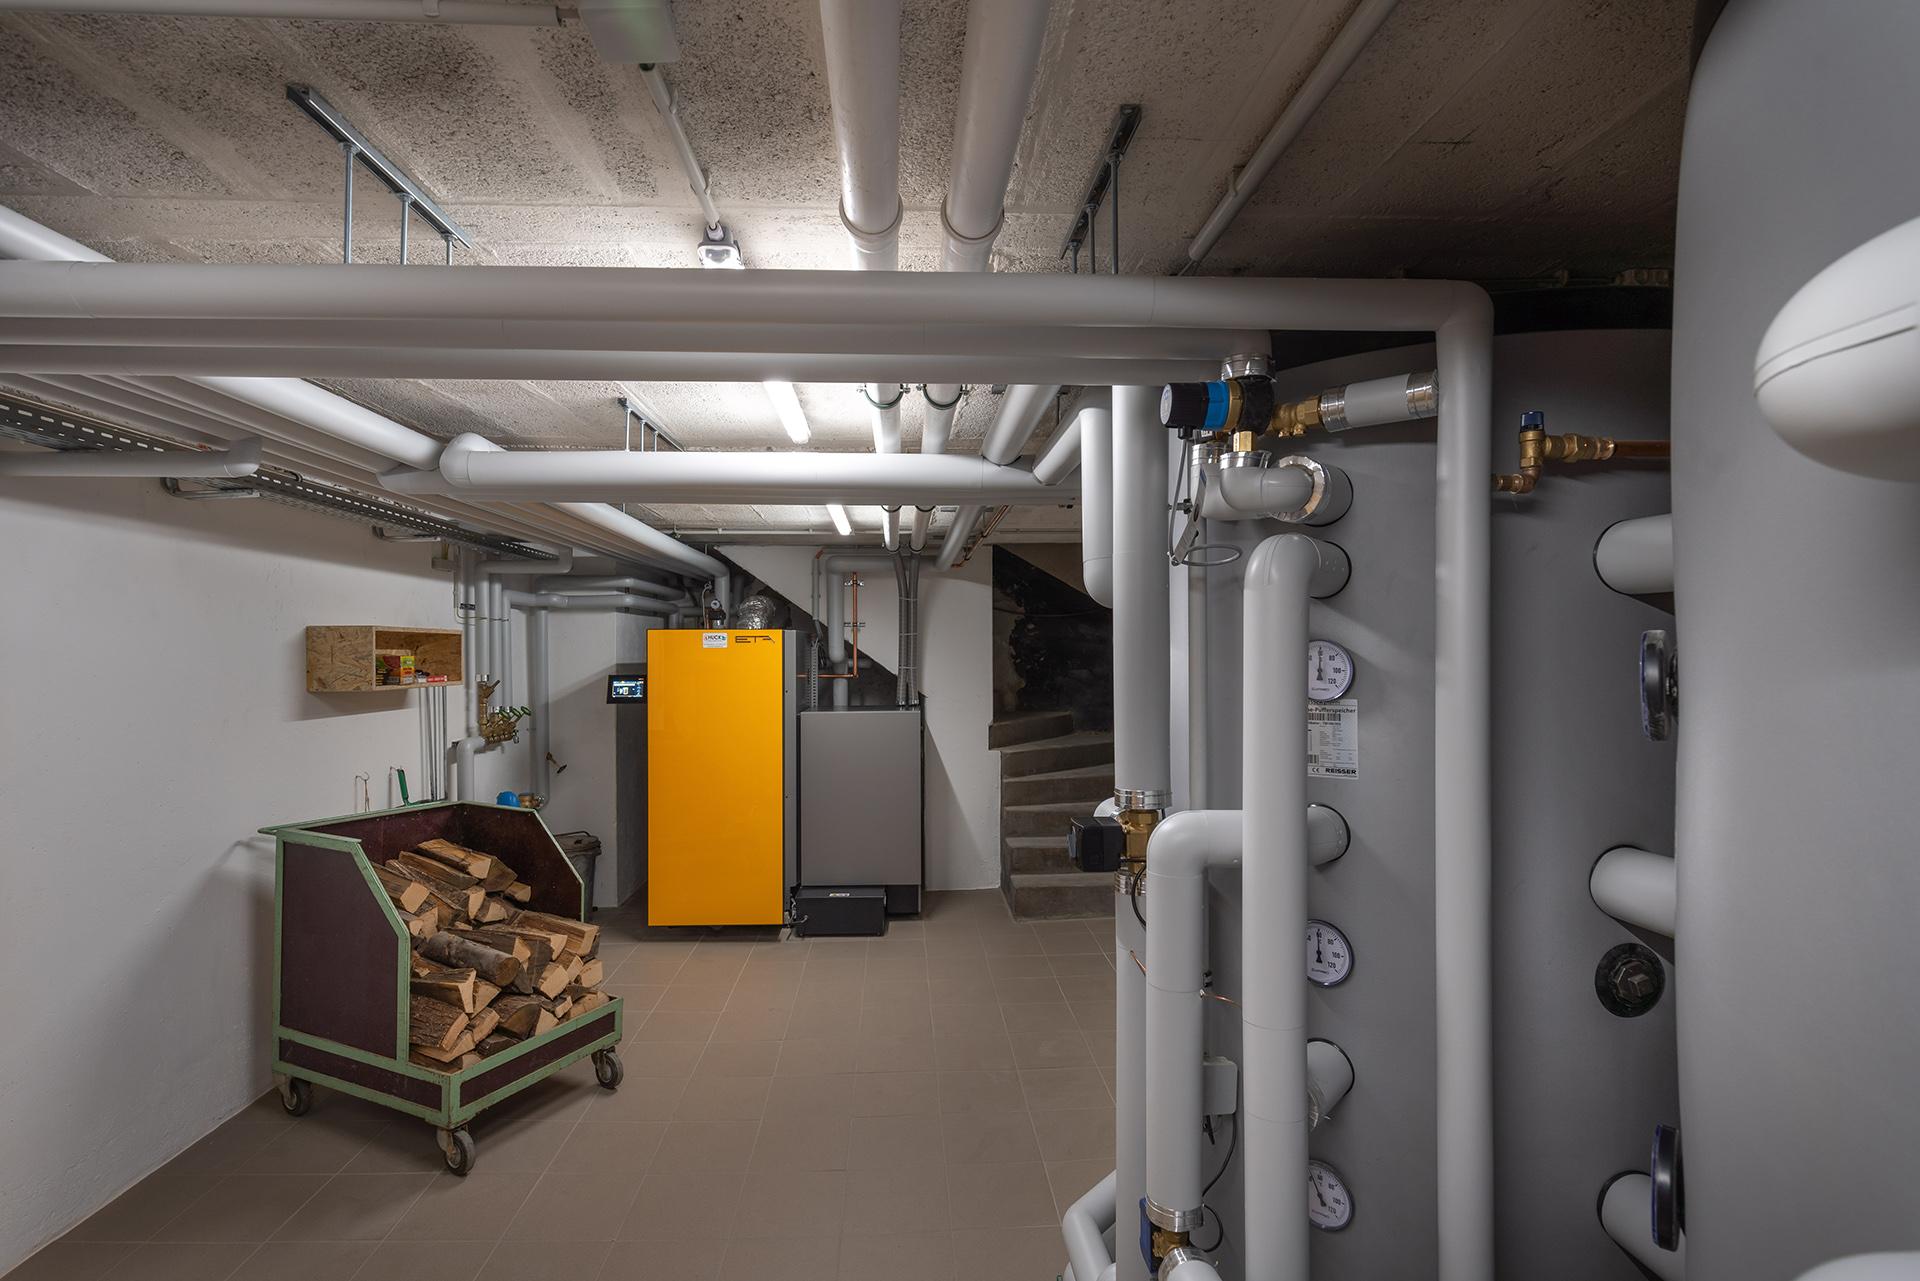 HUCK-Haustechnik-Heizung-Referenz-Raum-Rohre-Wasserspeicher